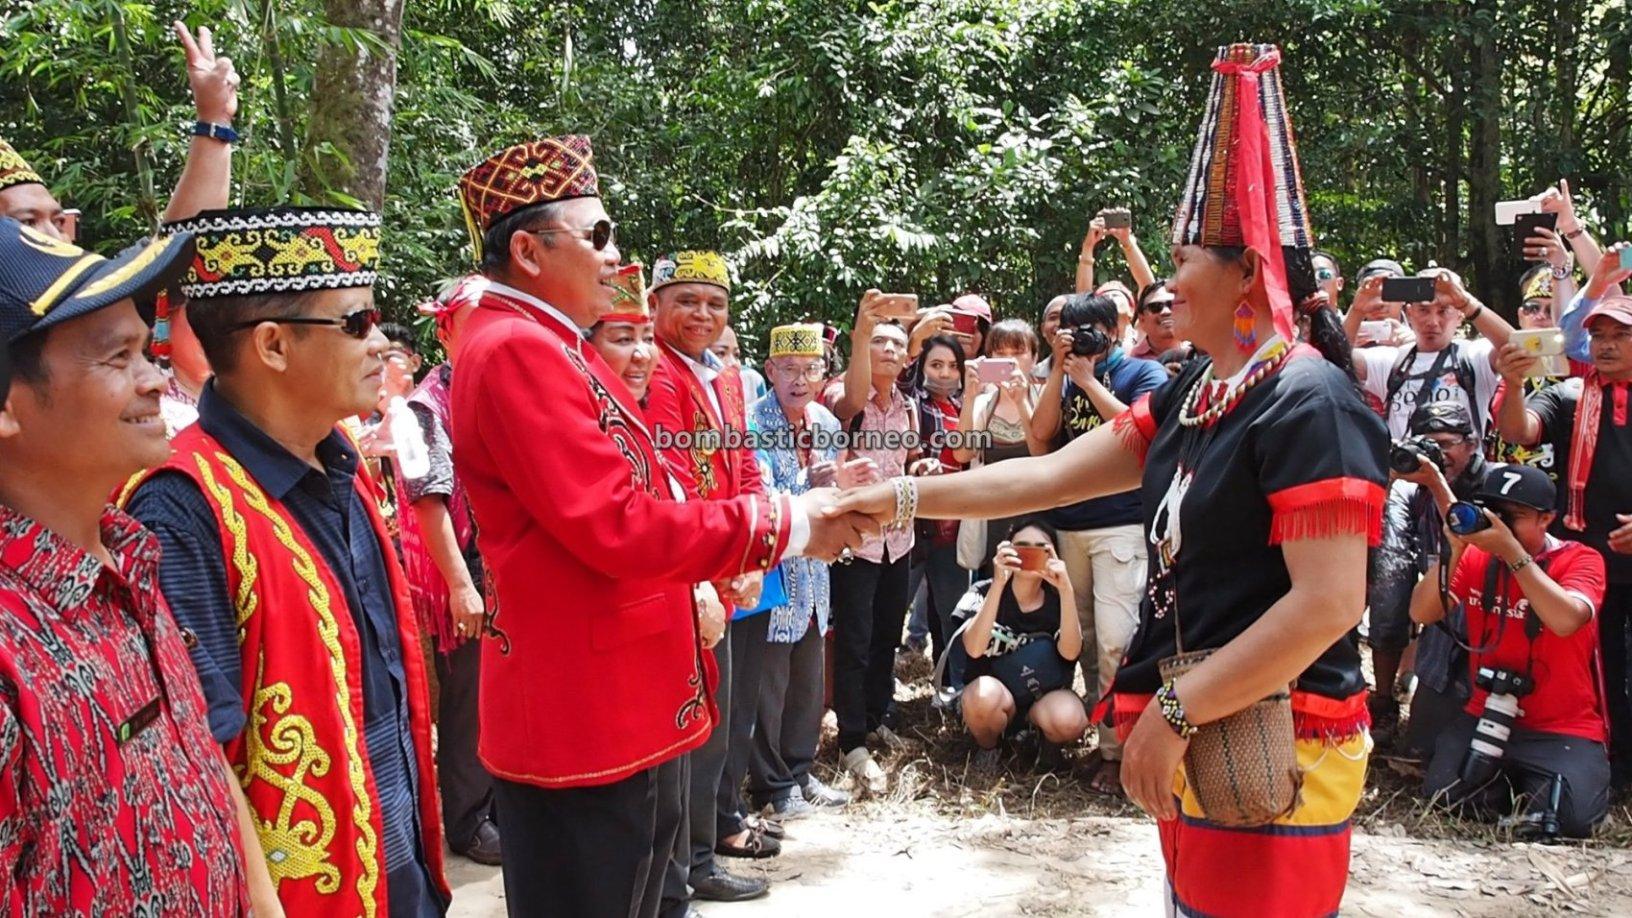 Nyobeng Sebujit, Gawai padi, thanksgiving, authentic, ritual, ceremony, Indonesia, West Kalimantan, Dayak Bidayuh, tribal, wisata budaya, Tourism, Borneo, 探索婆罗洲游踪, 印尼西加里曼丹, 比达友族丰收节